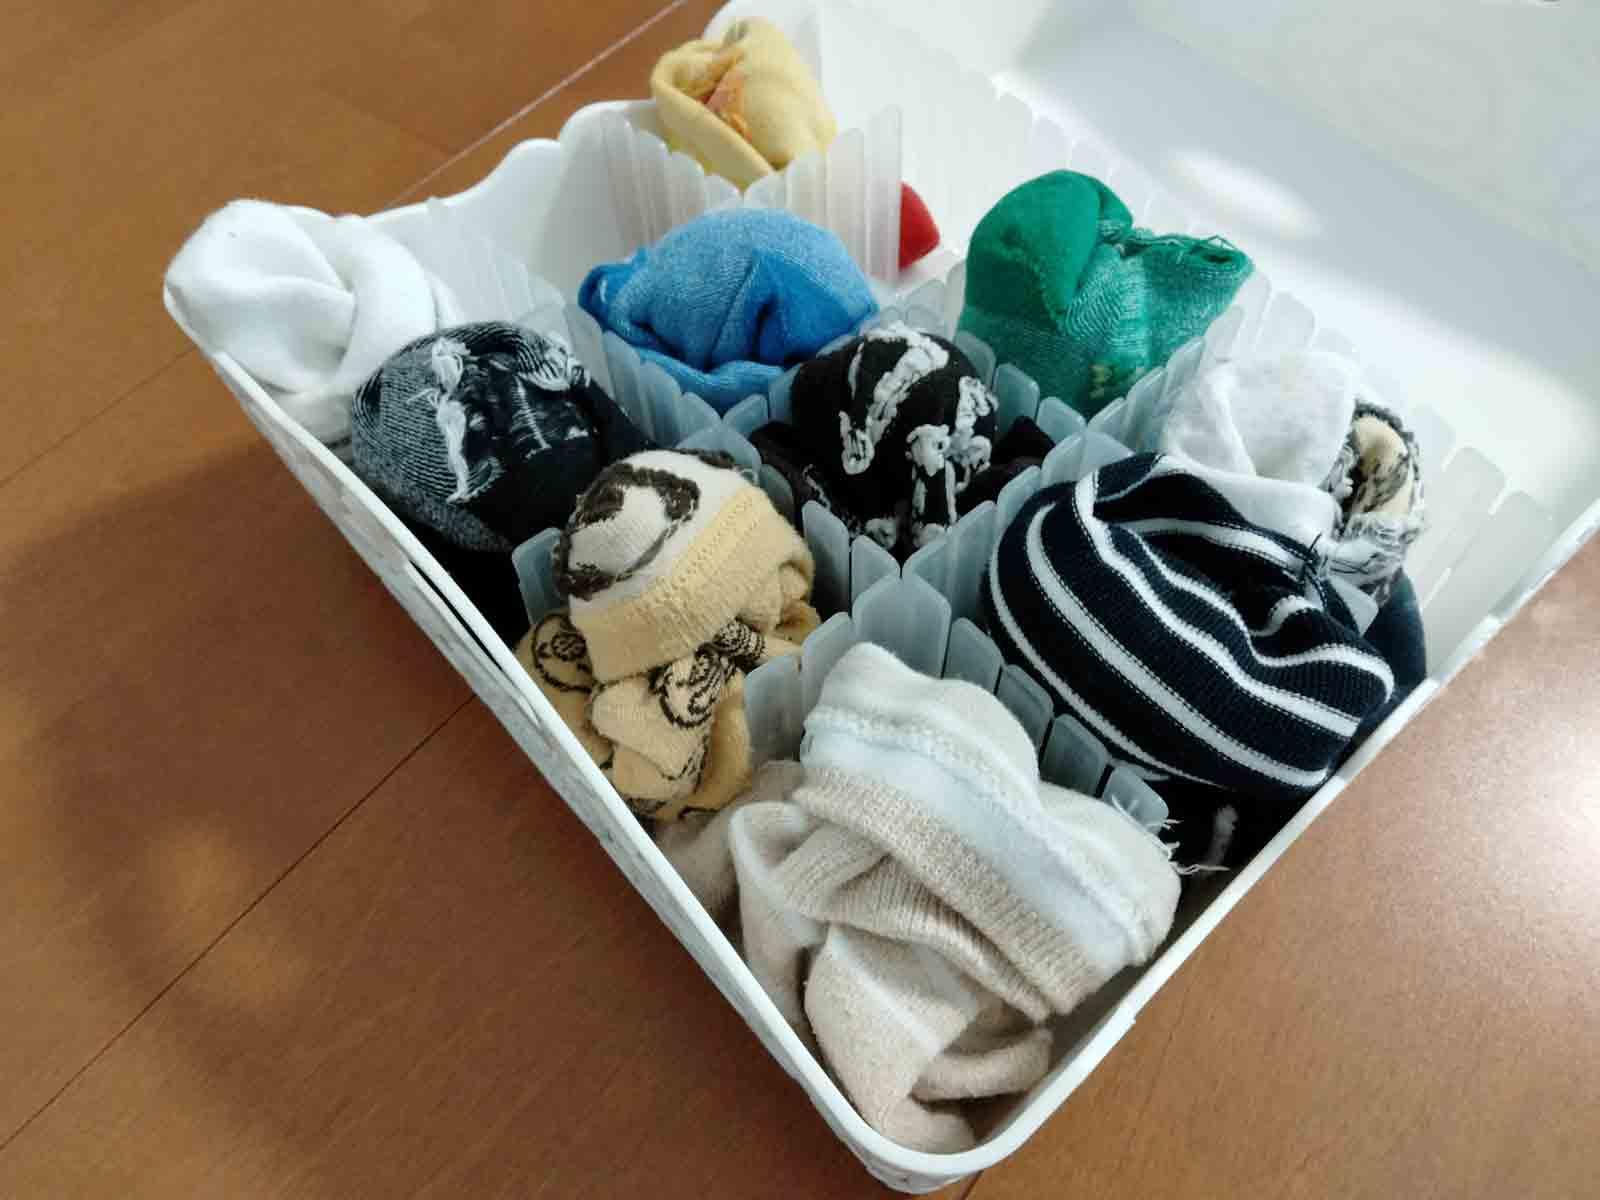 ダイソーアイテムで靴下を綺麗に収納した様子